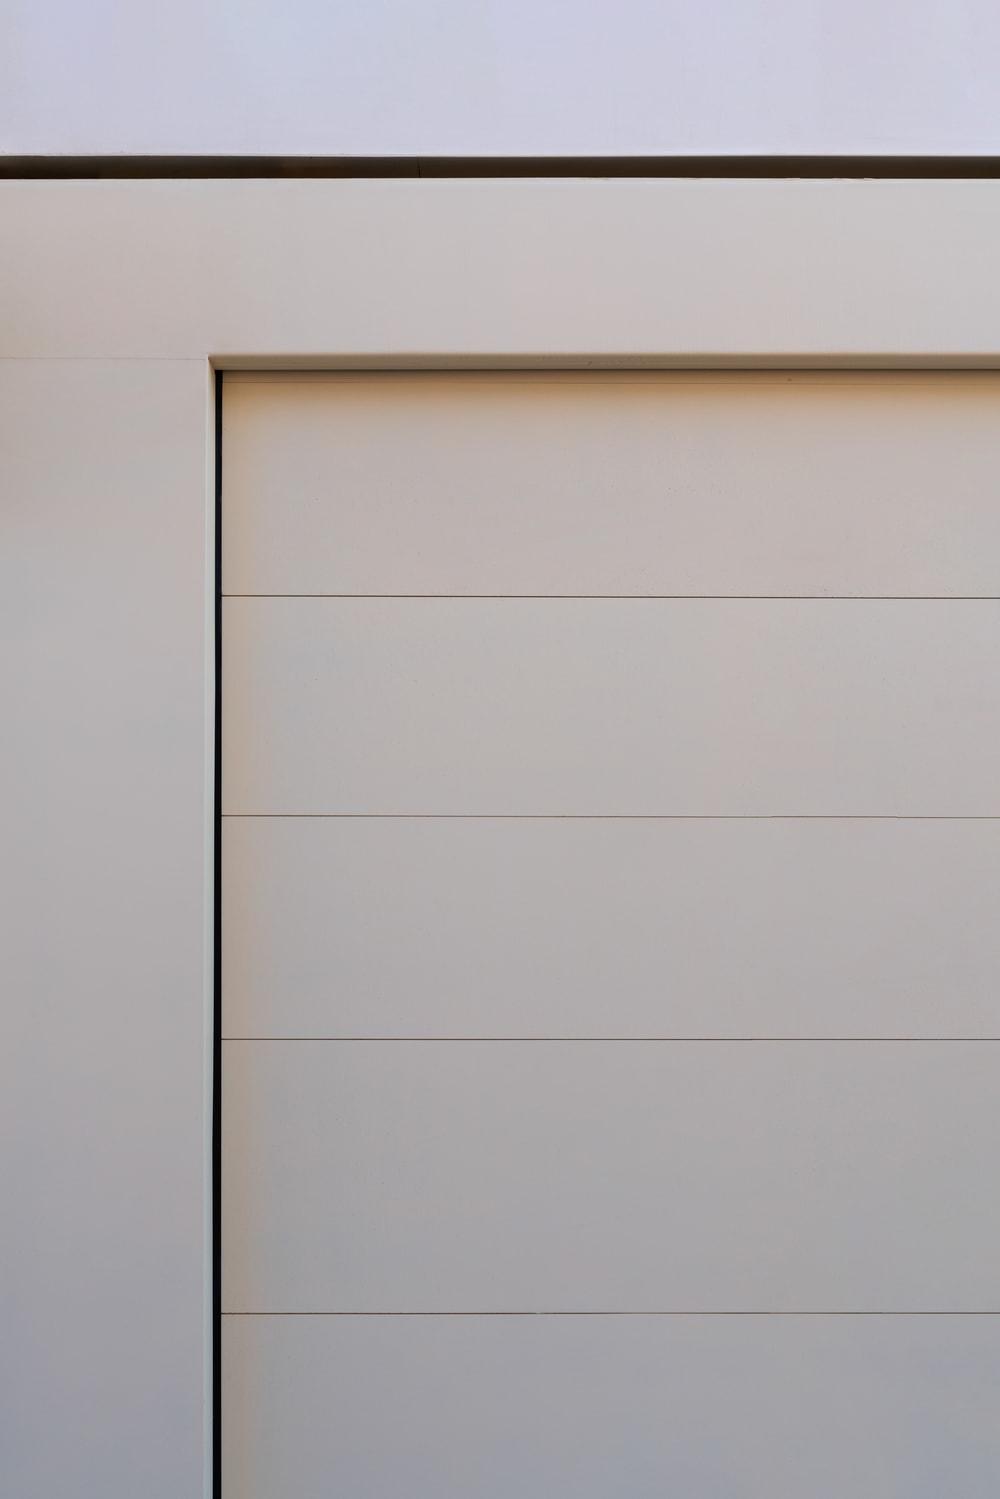 This garage door has a modern design to its pull-up doors.